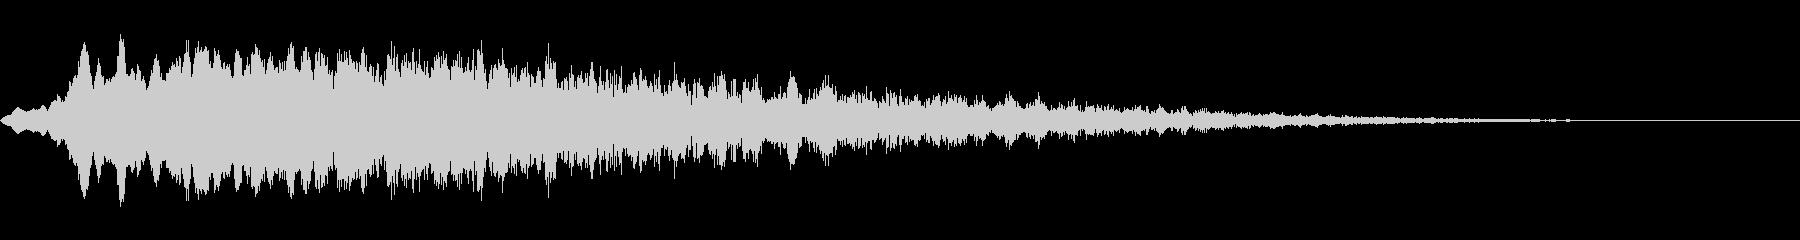 レトロスペーストーンスイープの未再生の波形